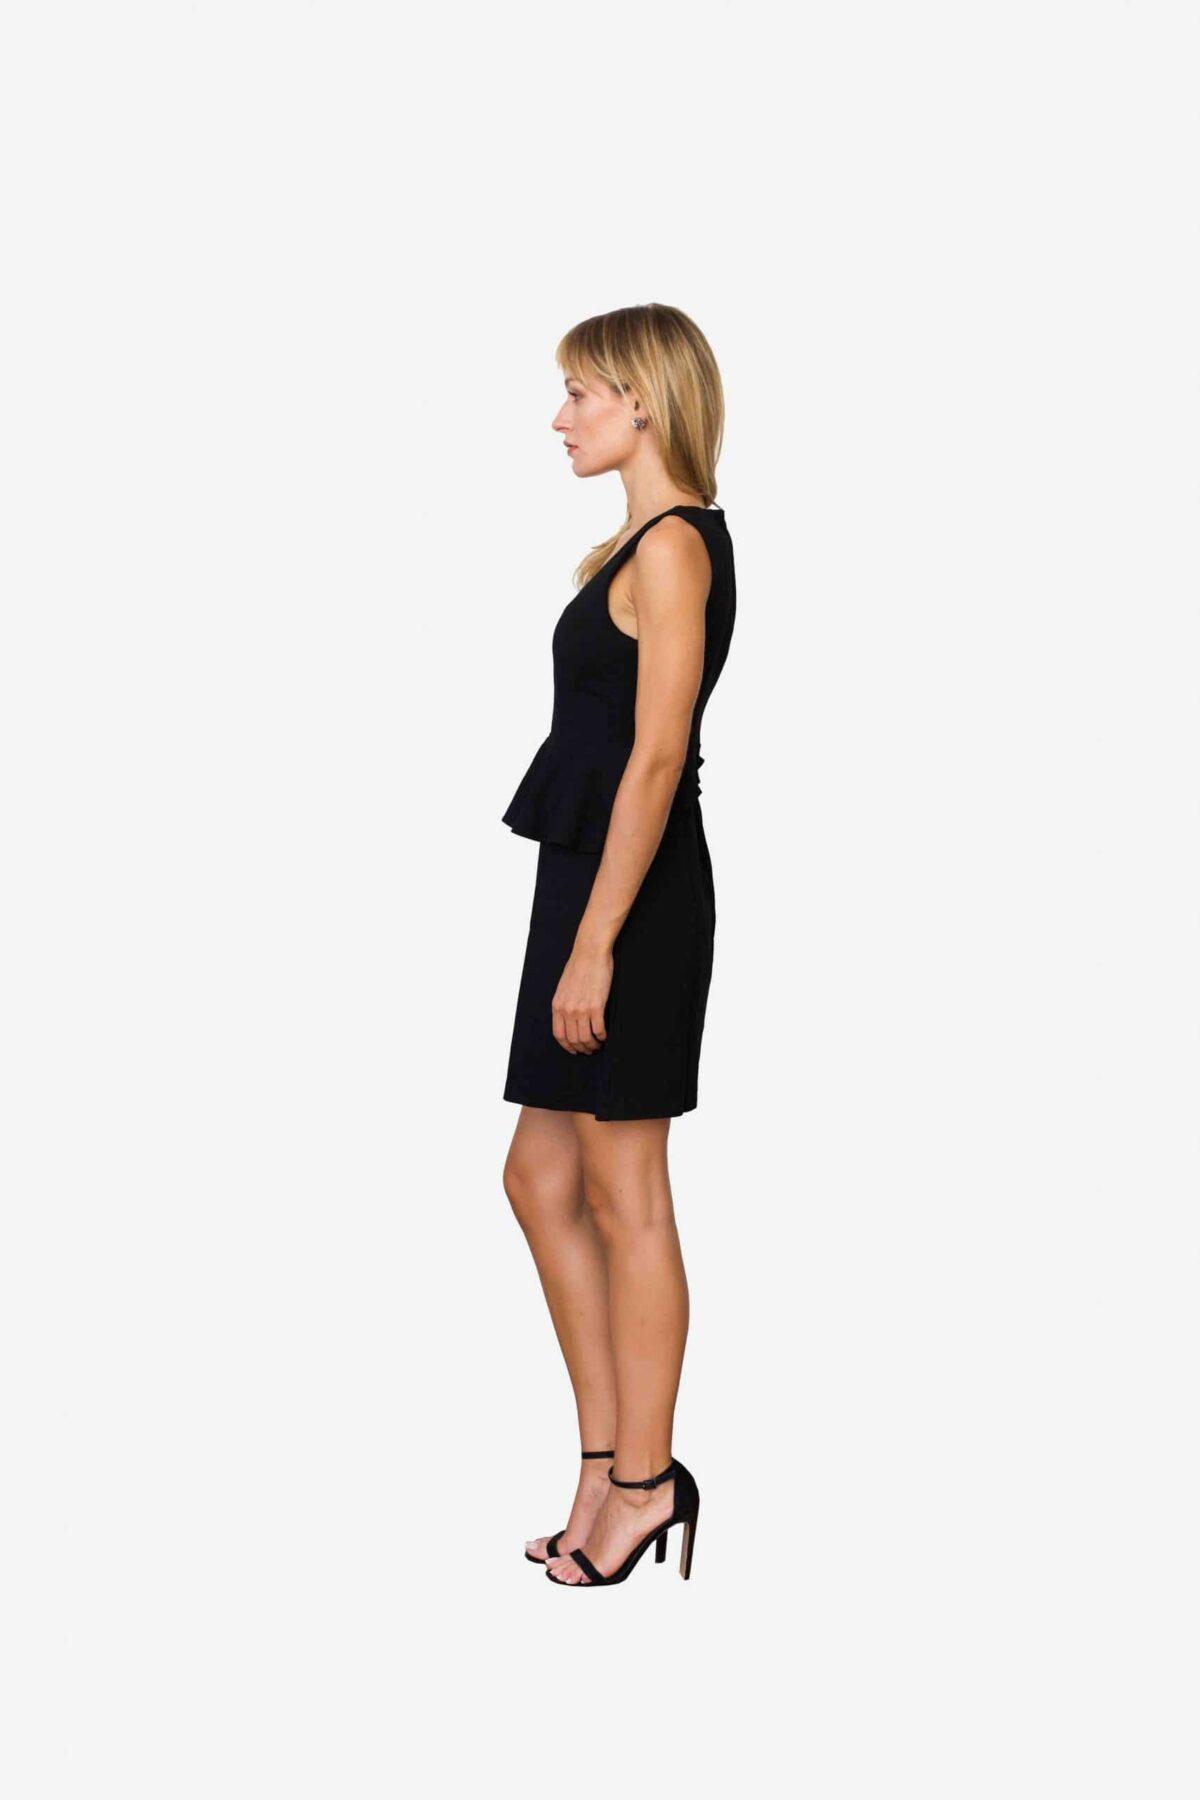 Kleid Sarah von SANOGE. Elegantes Kleines Schwarzes, stylisch und sexy zugleich, von Deutschem Designer Label. aus schwarzem Premium Jersey. Figurbetont. Mit Volant.